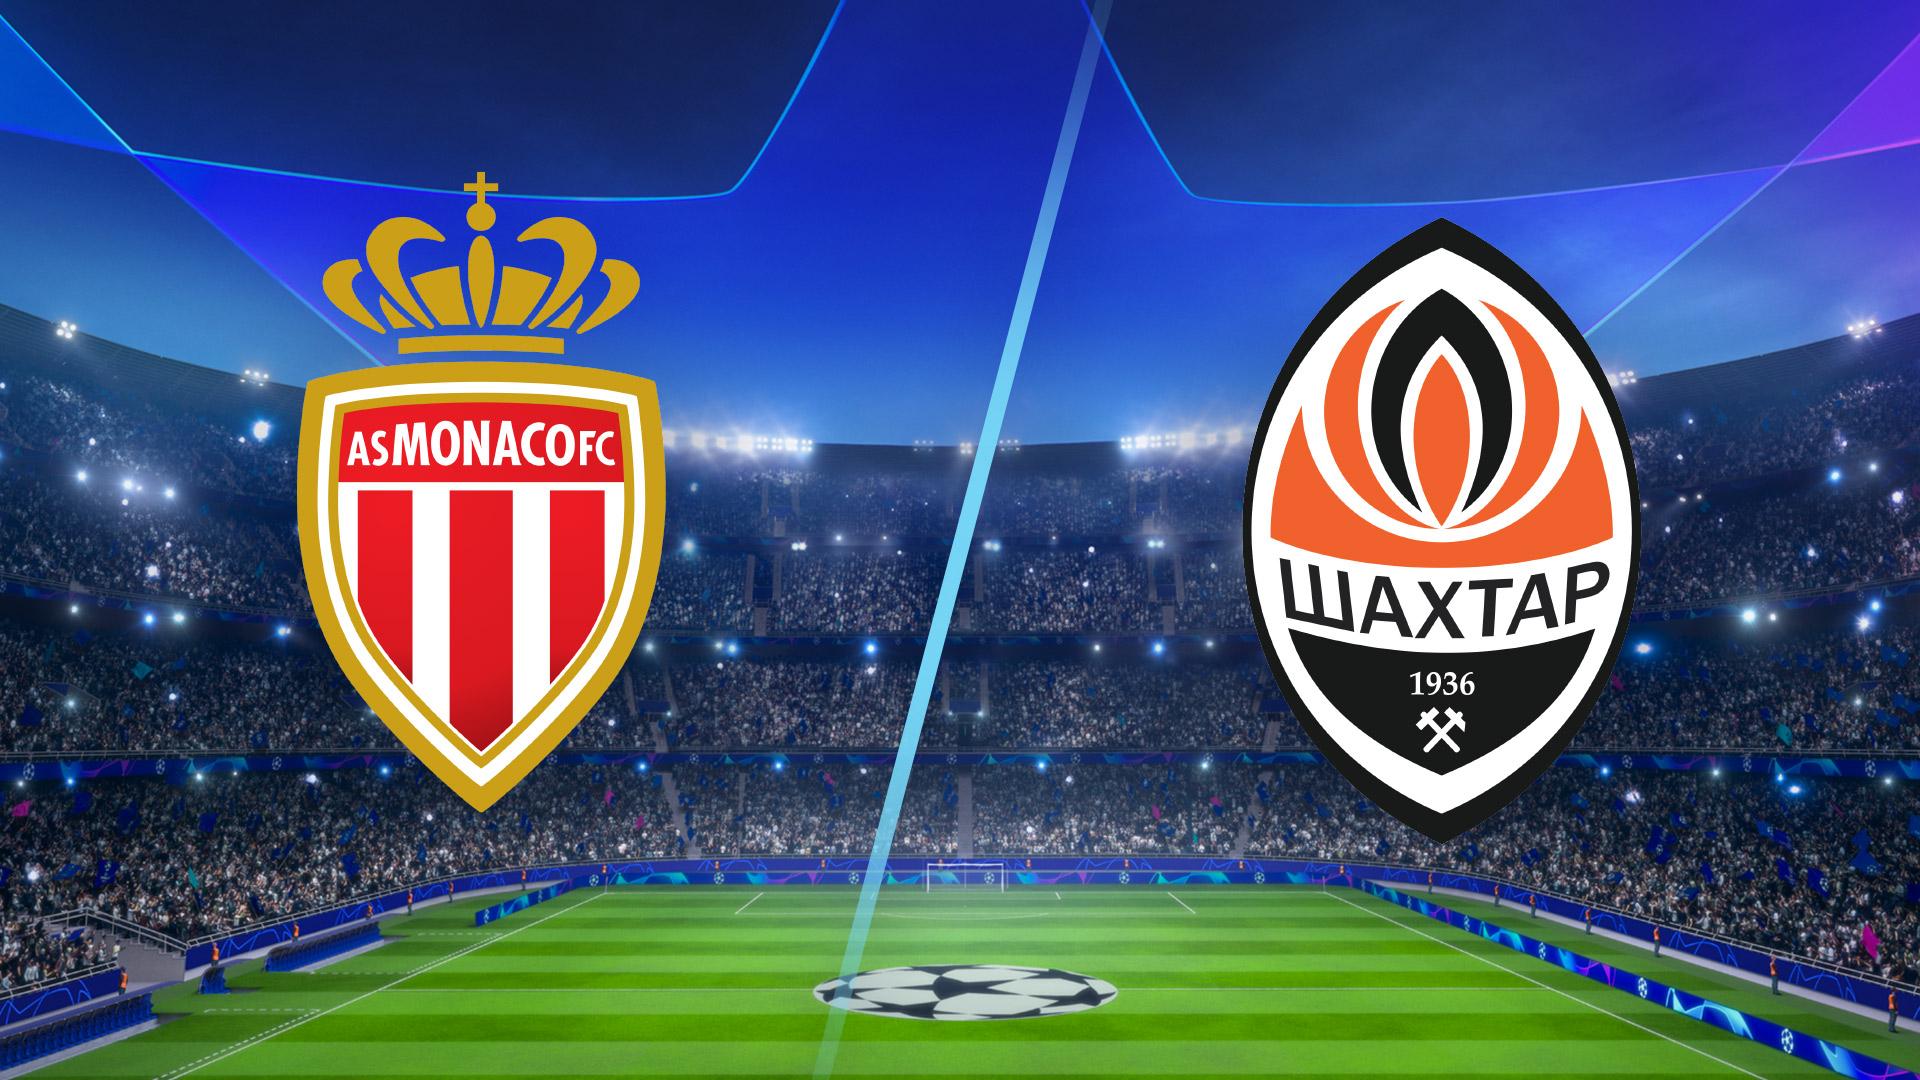 Monaco vs Shakhtar Donetsk Full Match & Highlights 17 August 2021